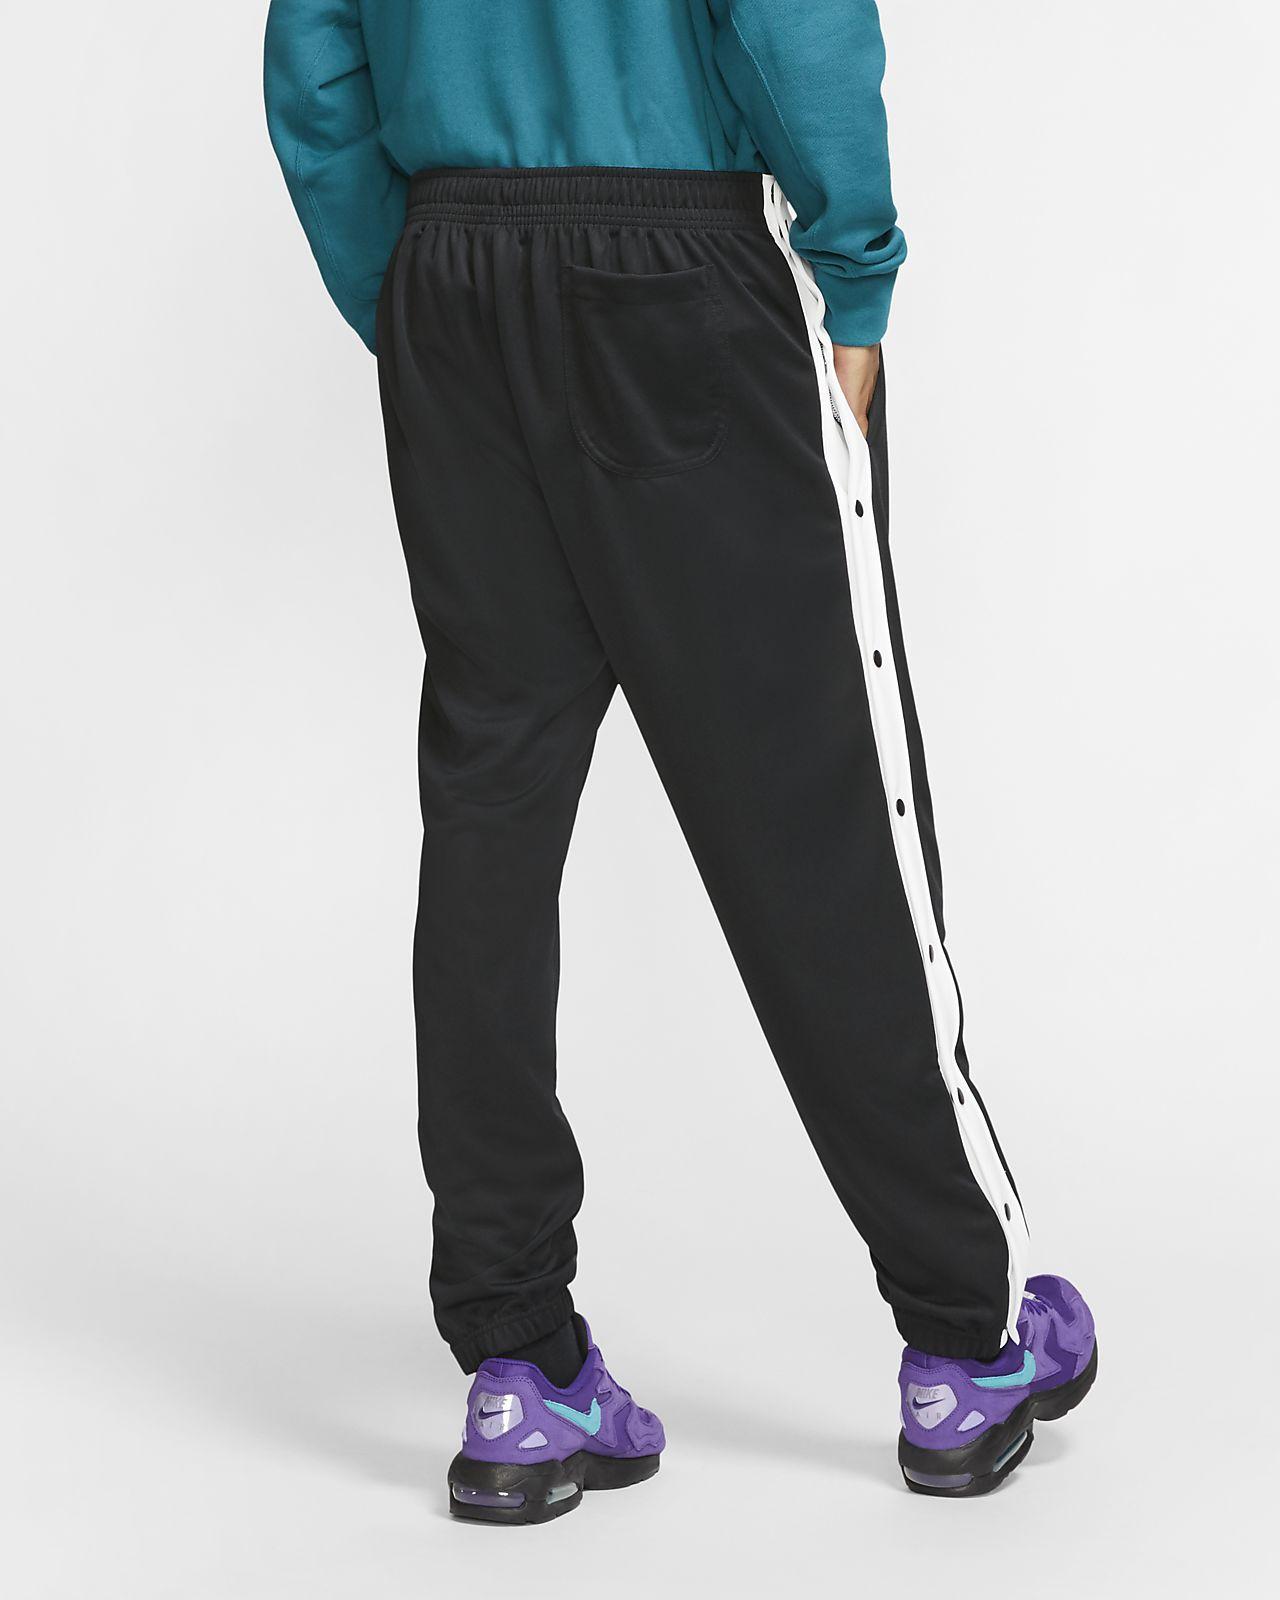 Pression À Pantalon Sportswear Homme Pour Boutons Nike OTZiPkXu